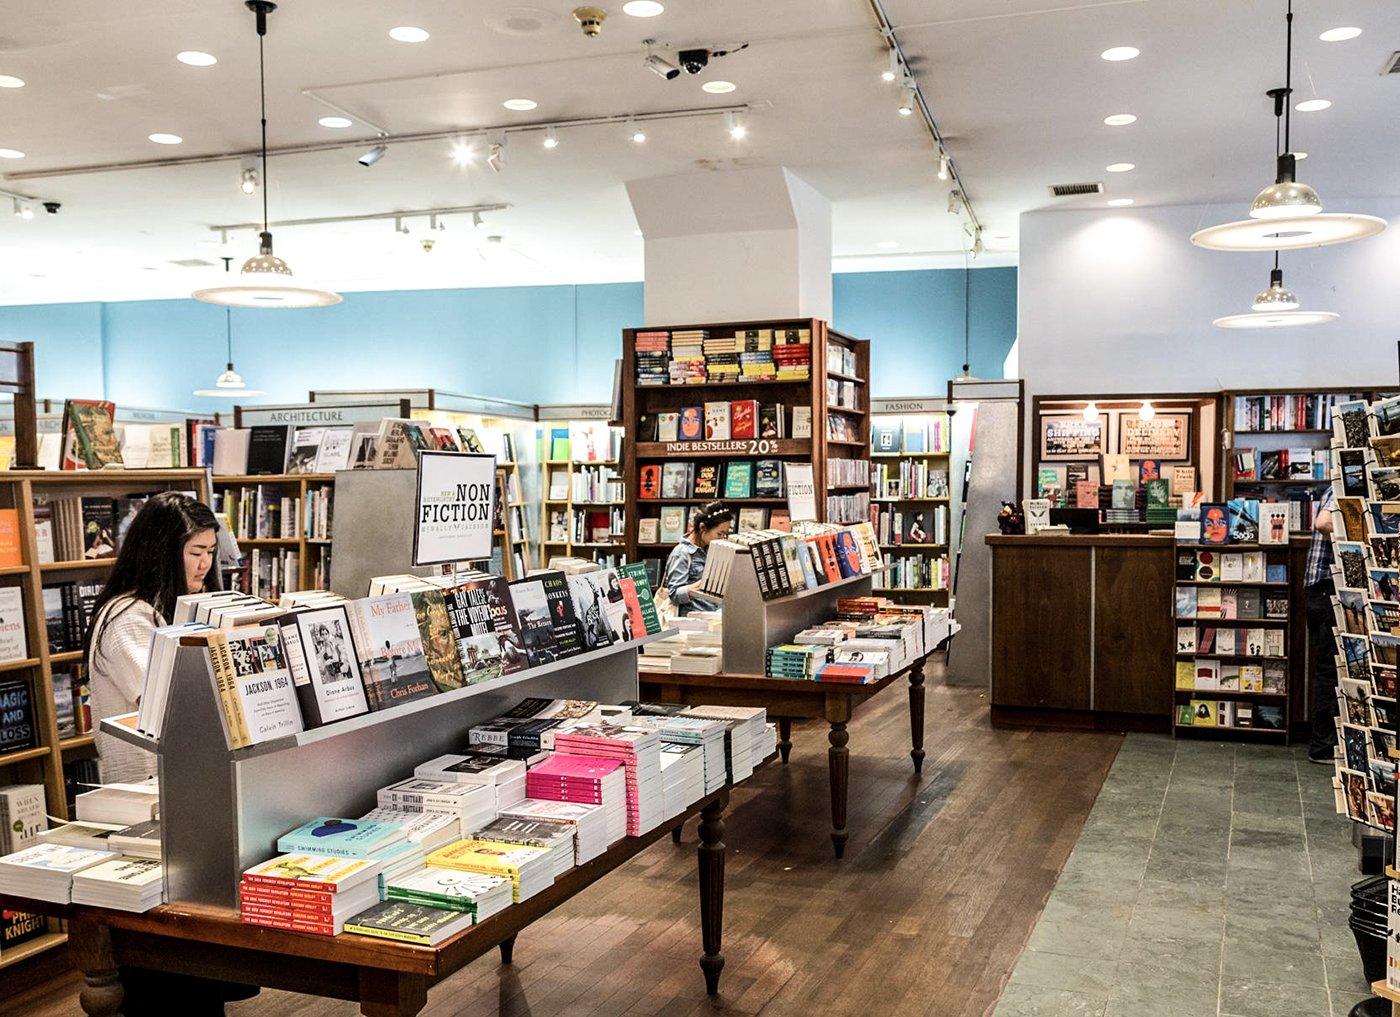 McNally_Jackson_Bookstore_Gessato